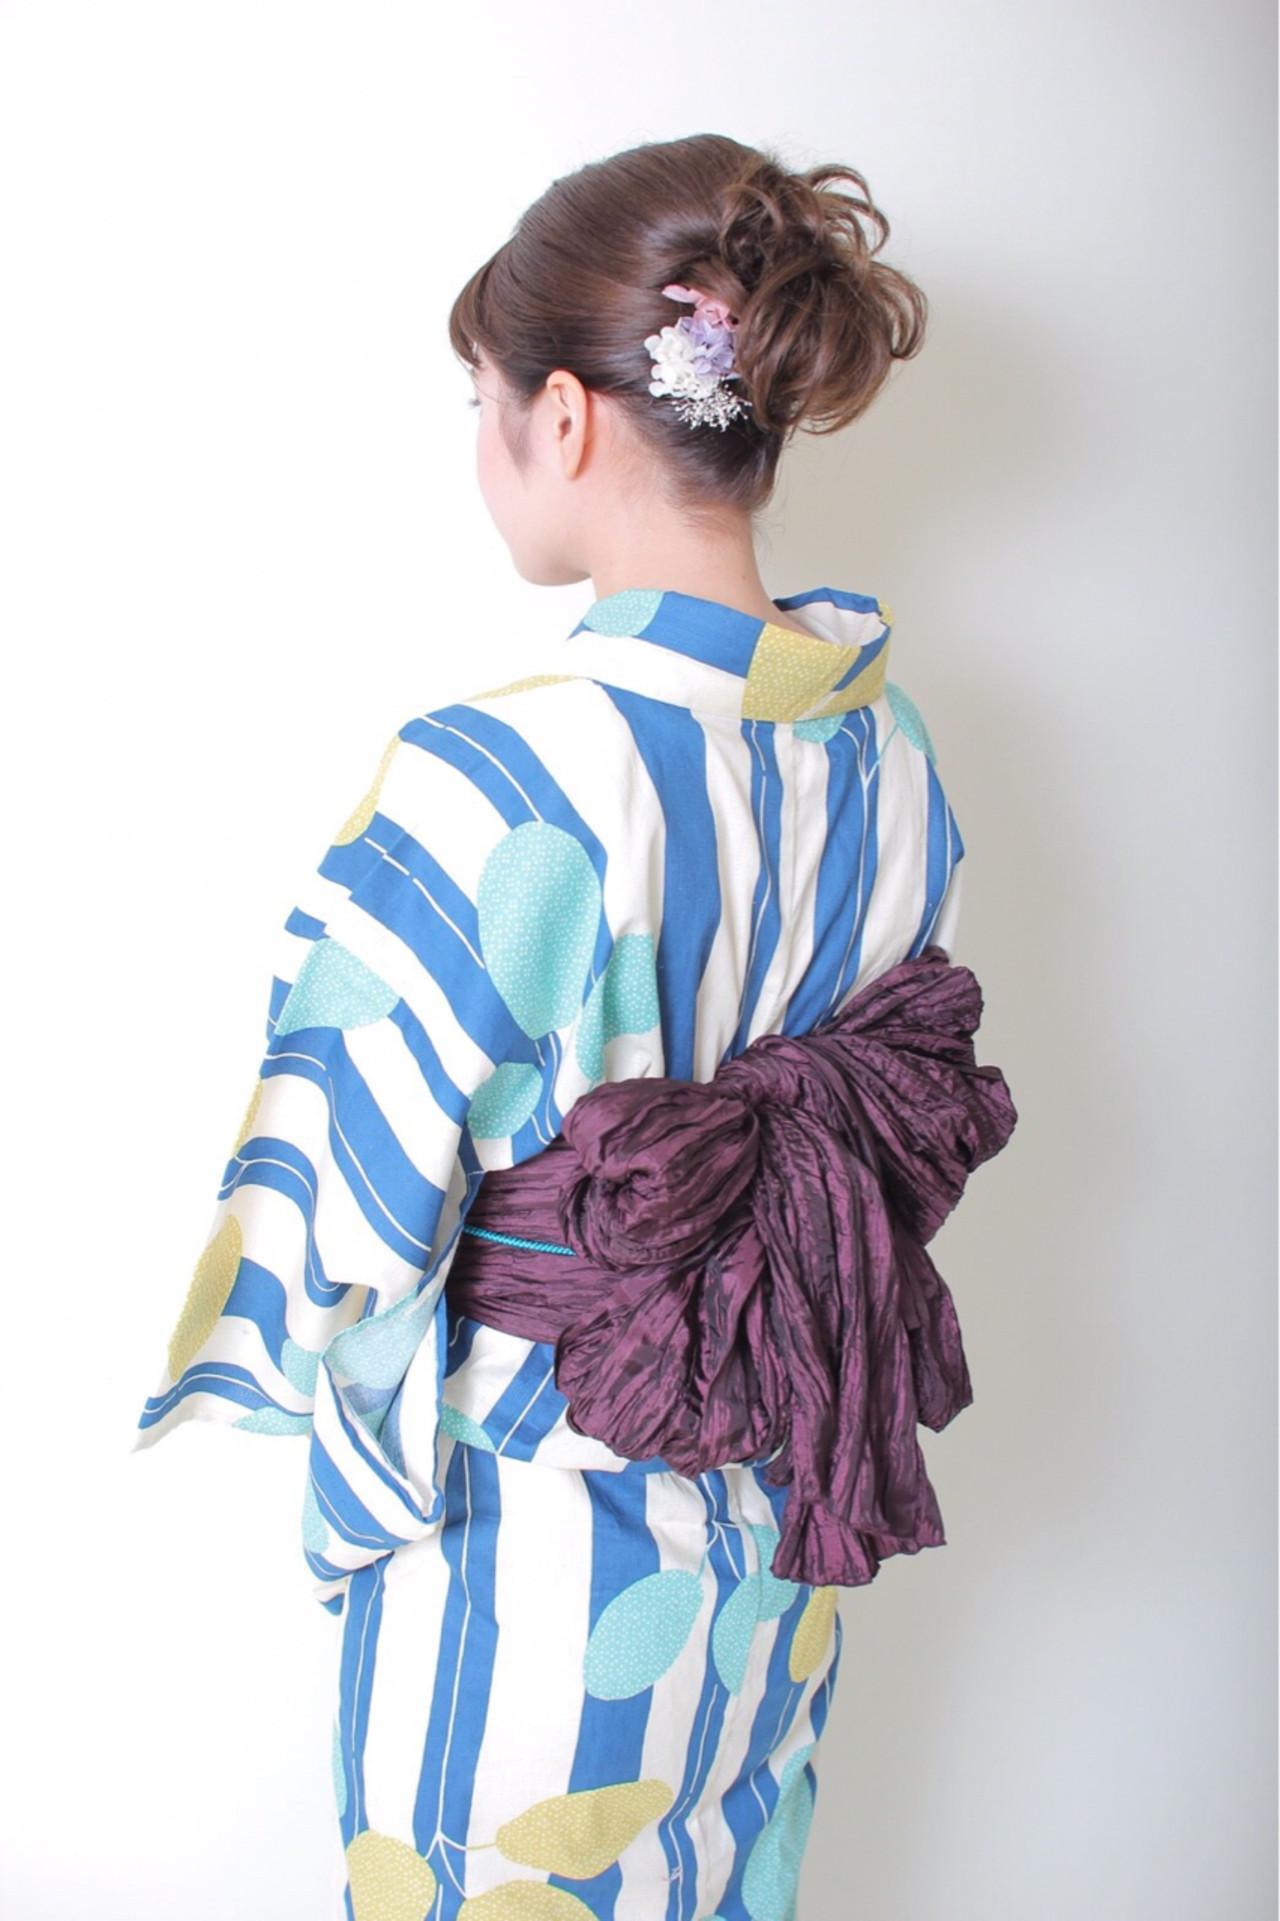 ヘアアレンジ ドライフラワー 花火大会 和装 ヘアスタイルや髪型の写真・画像 | AfEO8 /